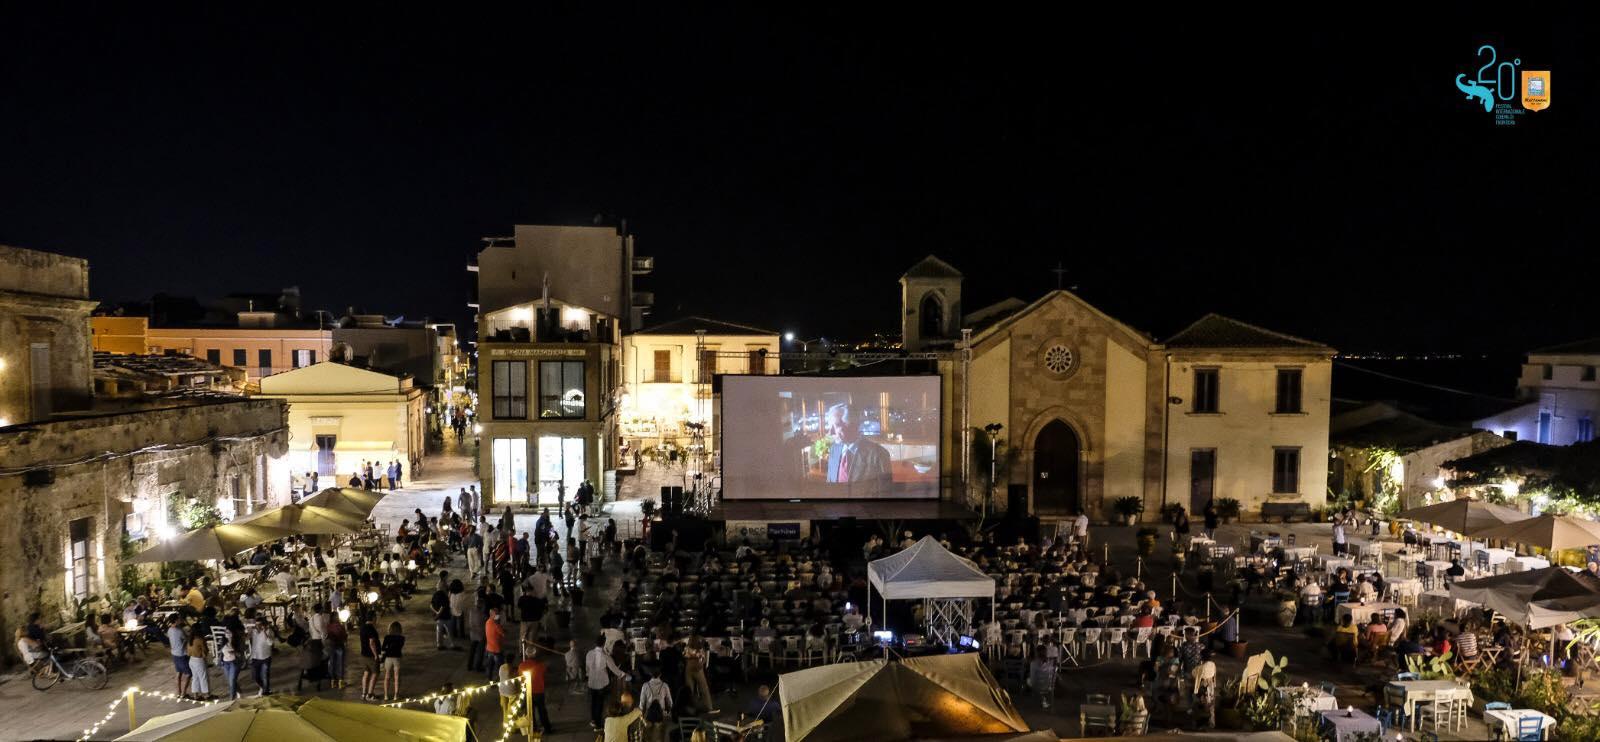 Festival Internazionale Cinema di Frontiera 2021 - Sicilia Eventi